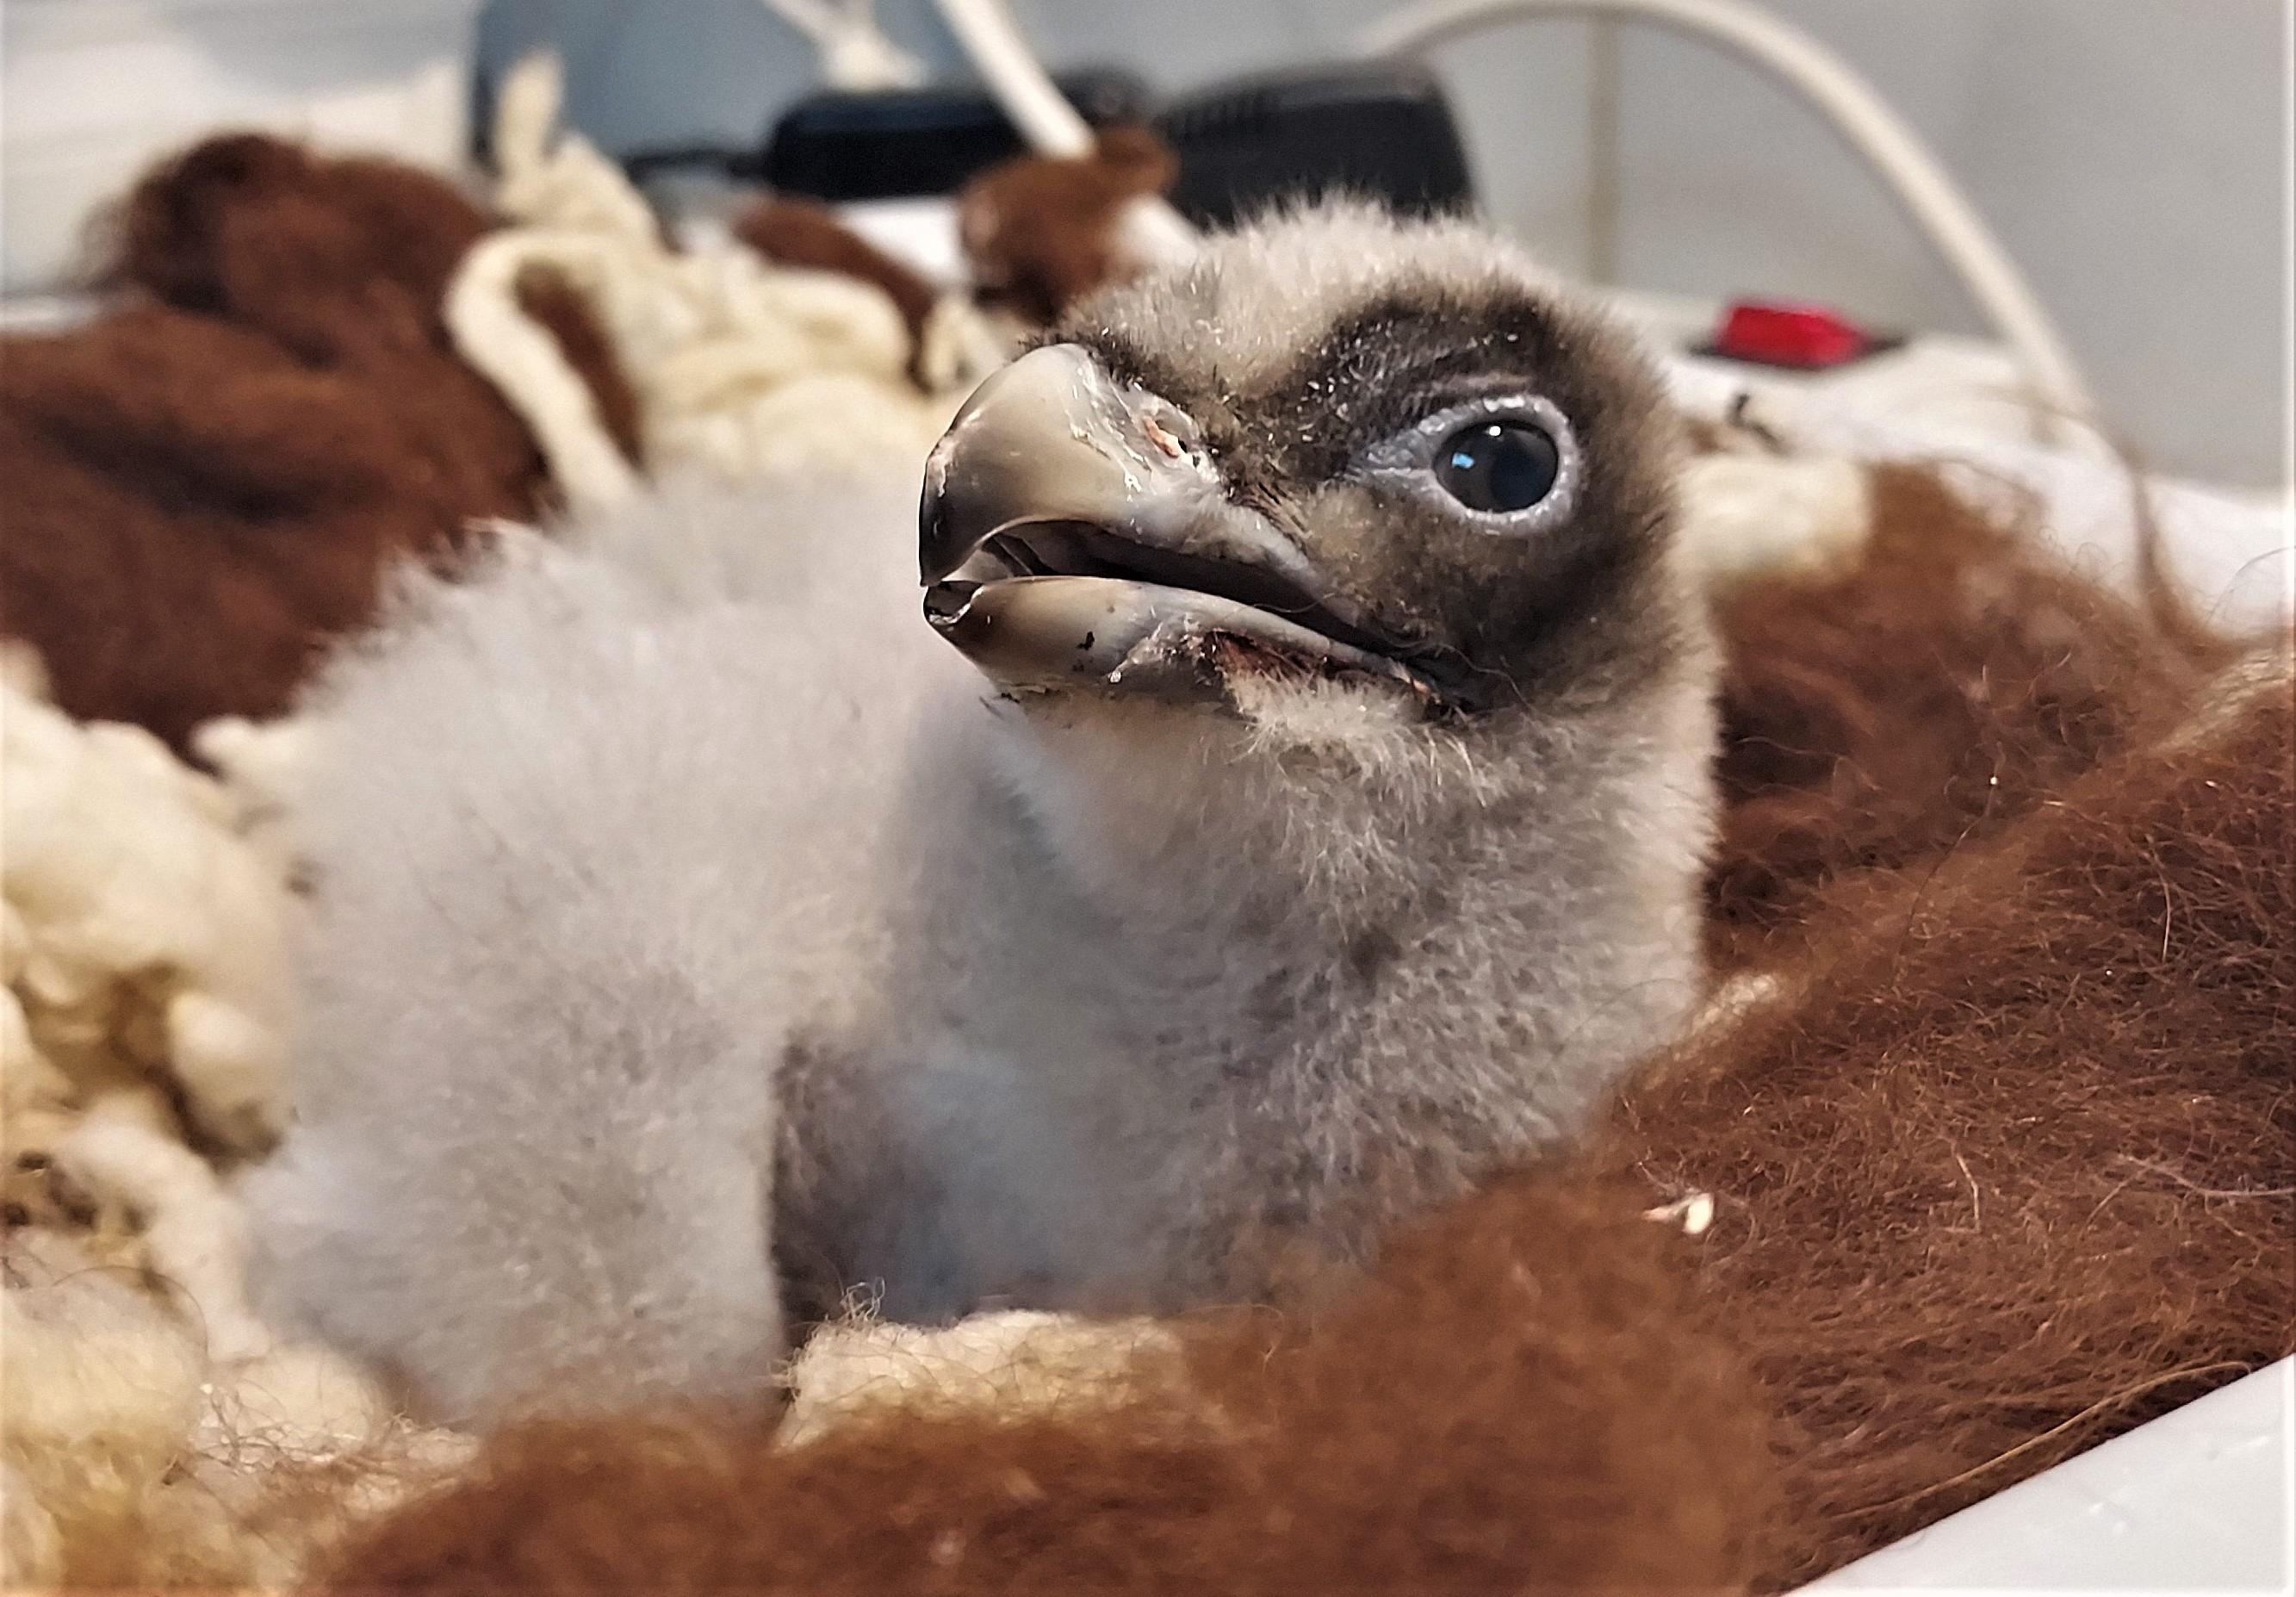 Pressebild: Dieser junge Bartgeier wird aktuell in einer Aufzuchtstation in Spanien aufgezogen, bevor er im Juni zusammen mit einem weiteren Artgenossen im Nationalpark Berchtesgaden ausgewildert wird.